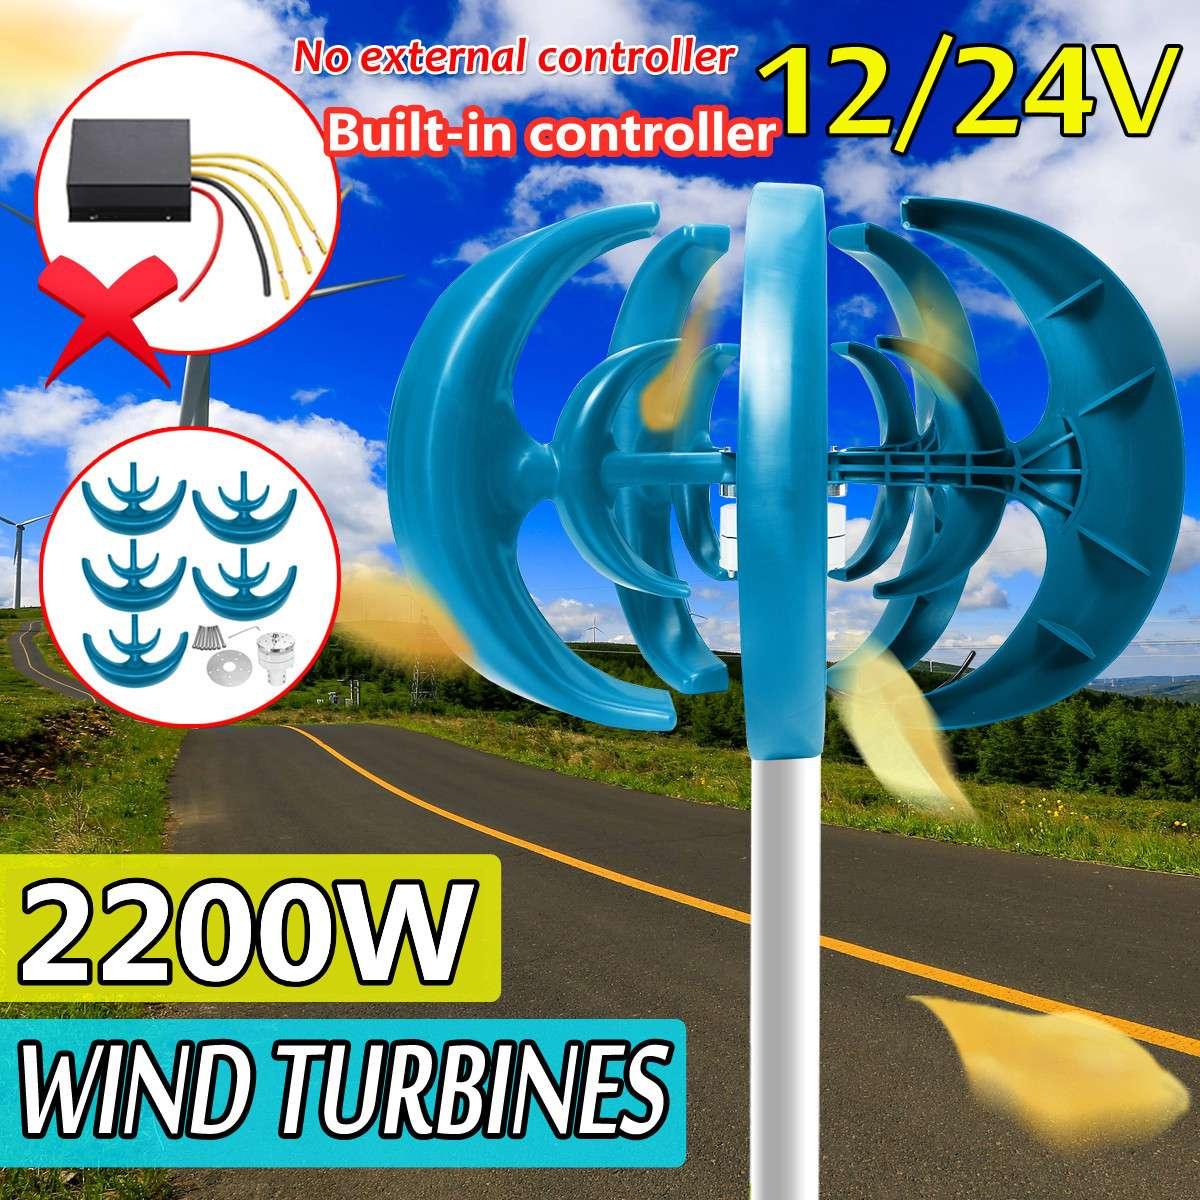 2200 واط 12 فولت 24 فولت فأس عمودية توربينات الرياح مولد فانوس 5 شفرات معدات موتور طاحونة الطاقة تهمة توربينات للتخييم المنزل